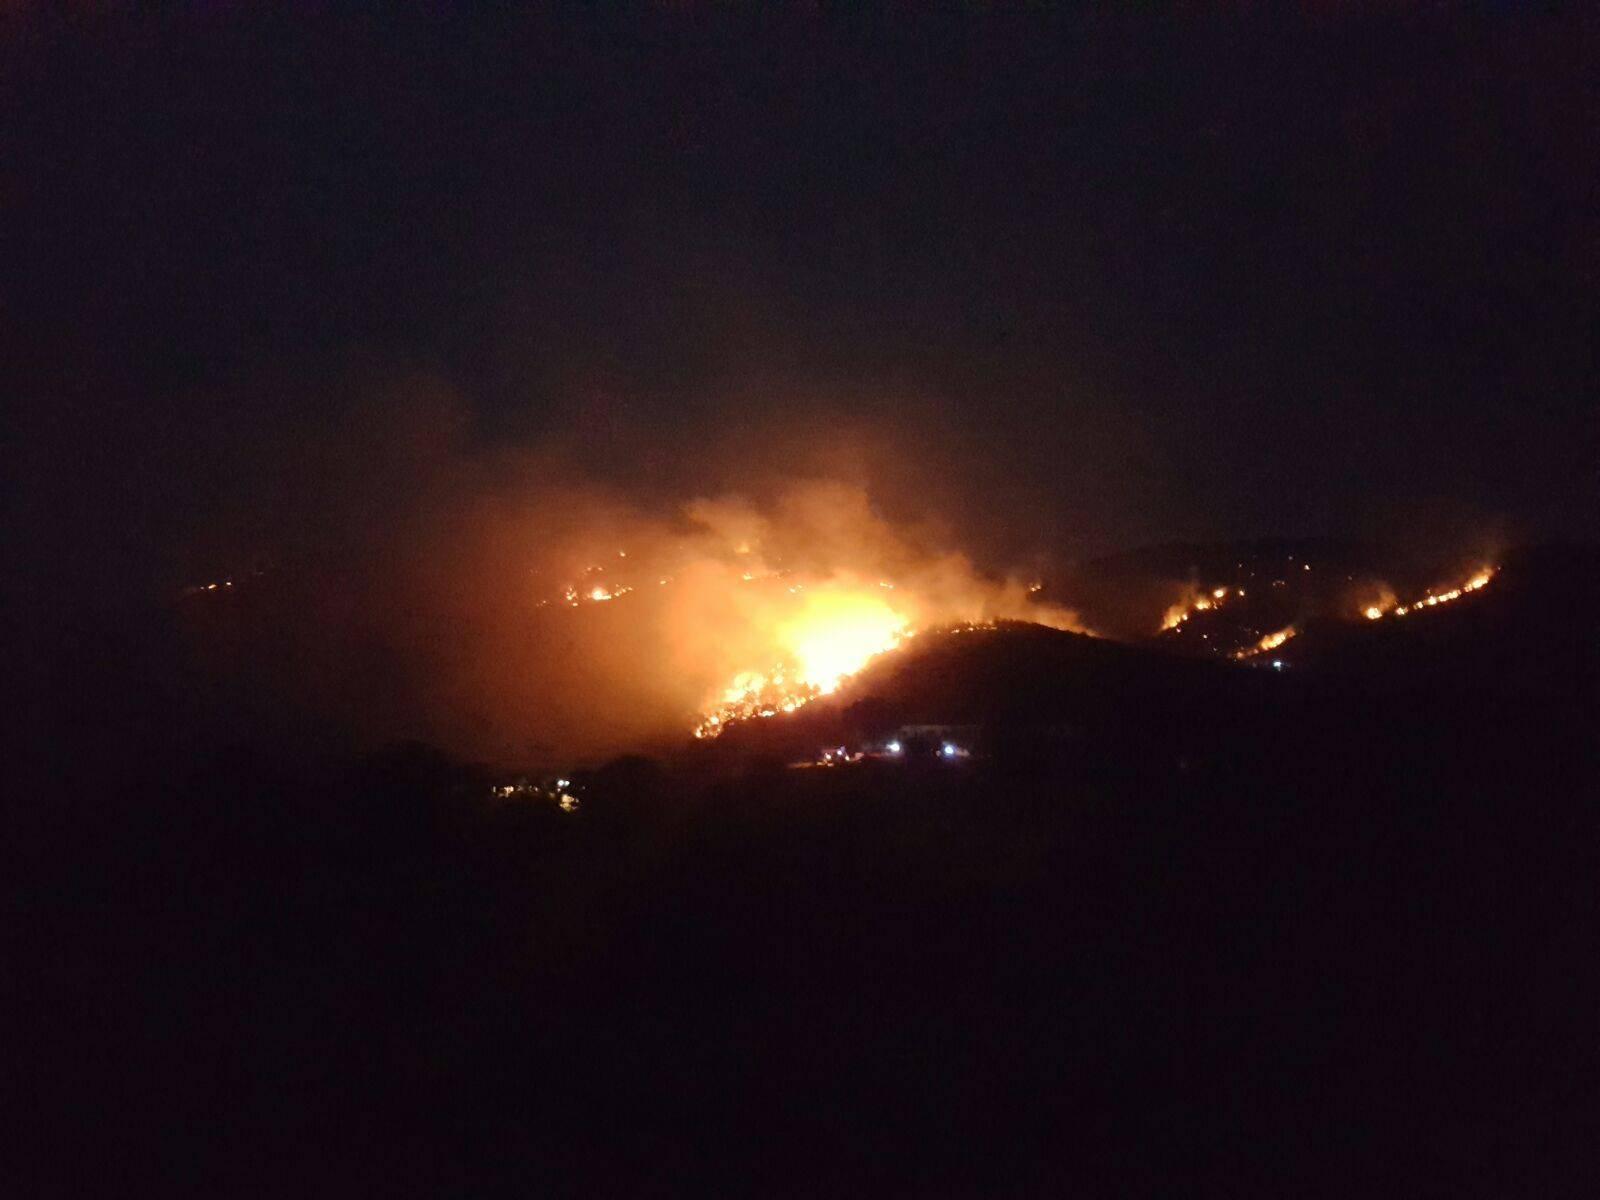 Drama kod Skradina: Požar se širi, no uspjeli su obraniti kuće